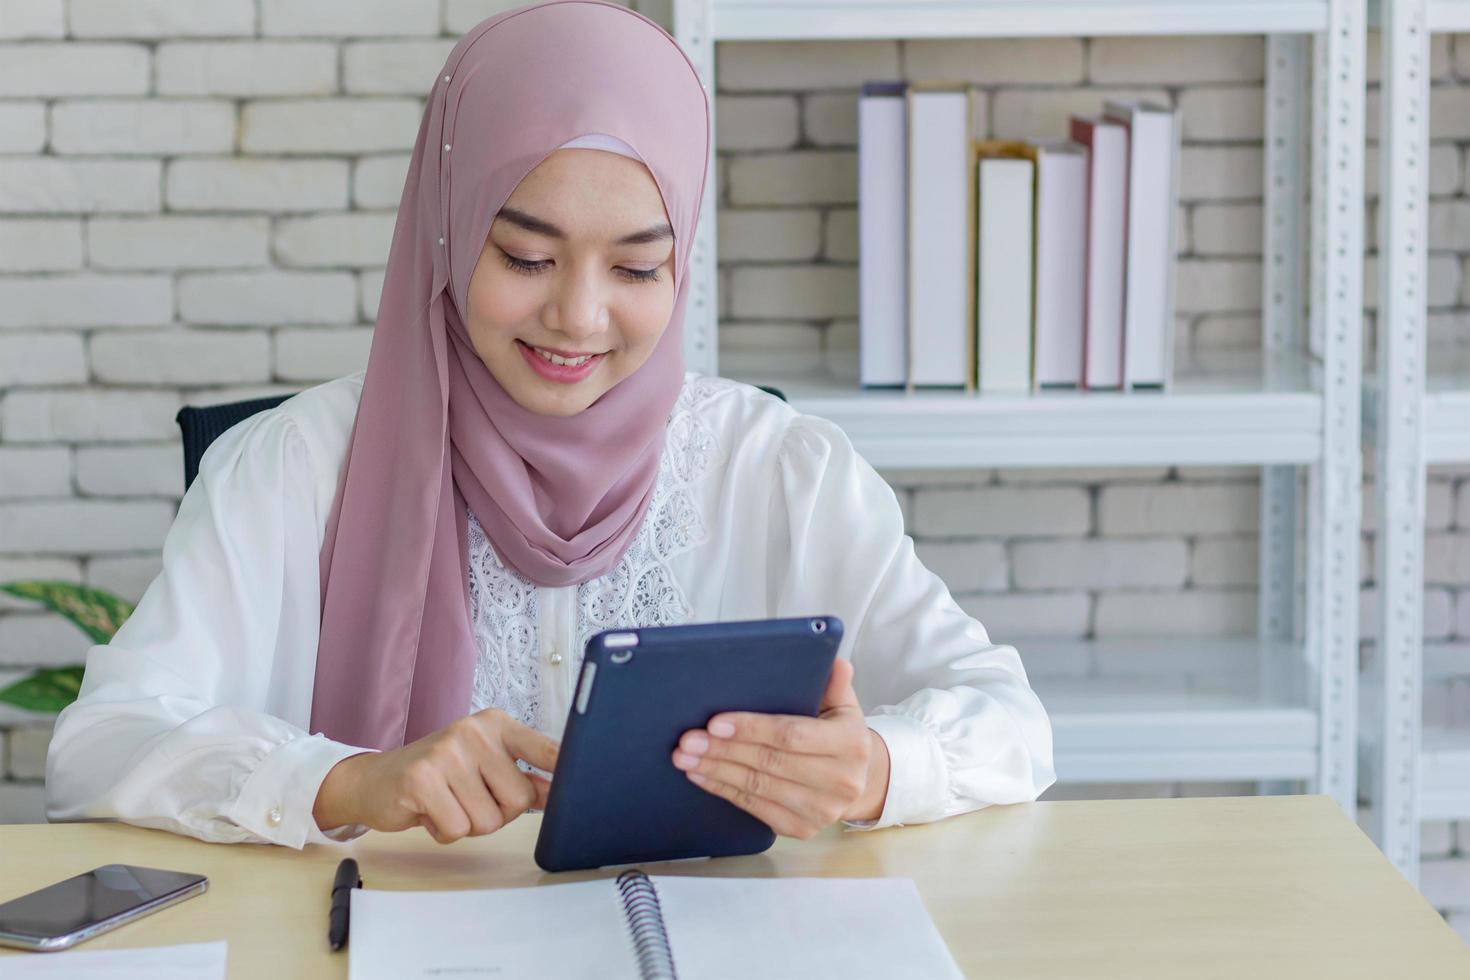 femme musulmane travaillant dans un bureau moderne photo